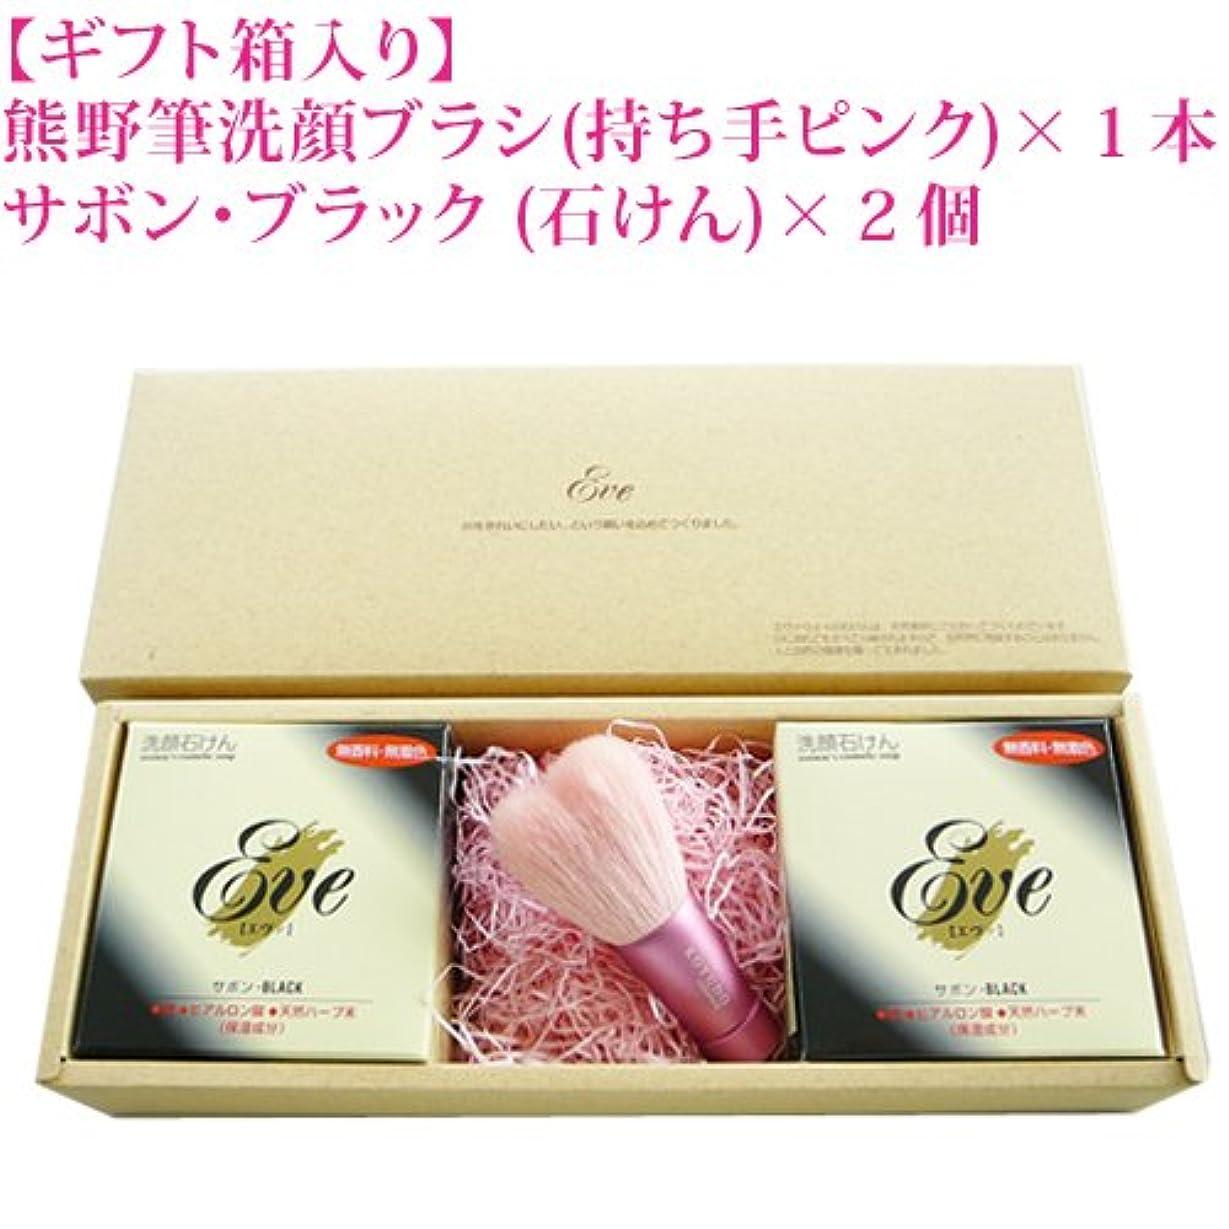 ライトニング服を片付ける鉄道熊野化粧筆 洗顔ブラシ&化粧せっけん セット ピンク